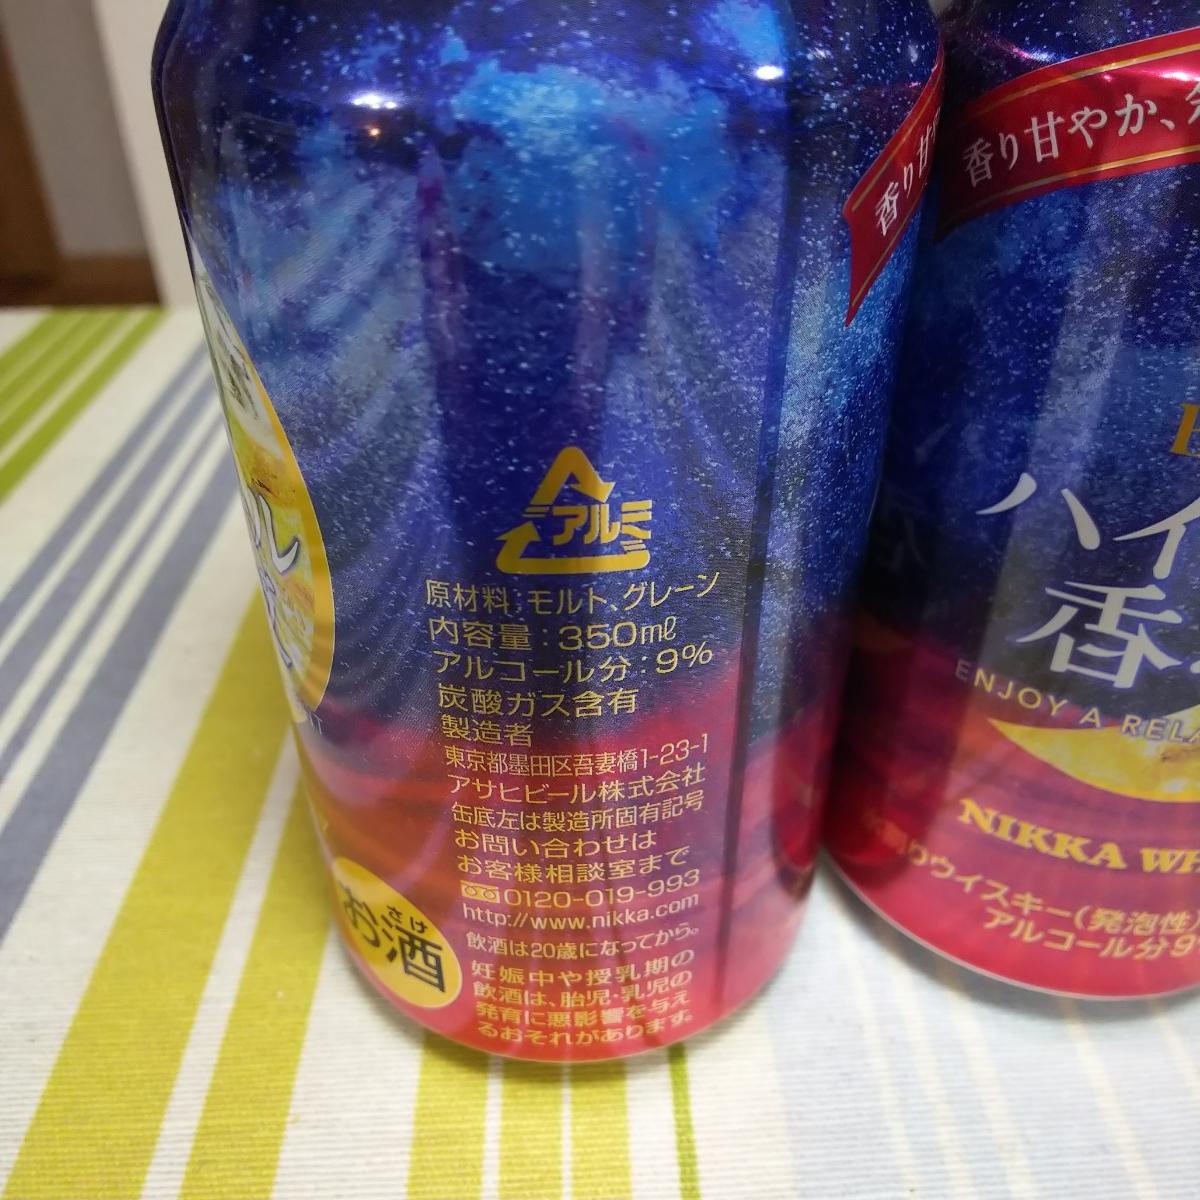 ★ハイボール香る夜★6本。北海道限定 ブラックニッカ、ニッカウイスキー チューハイ お酒.